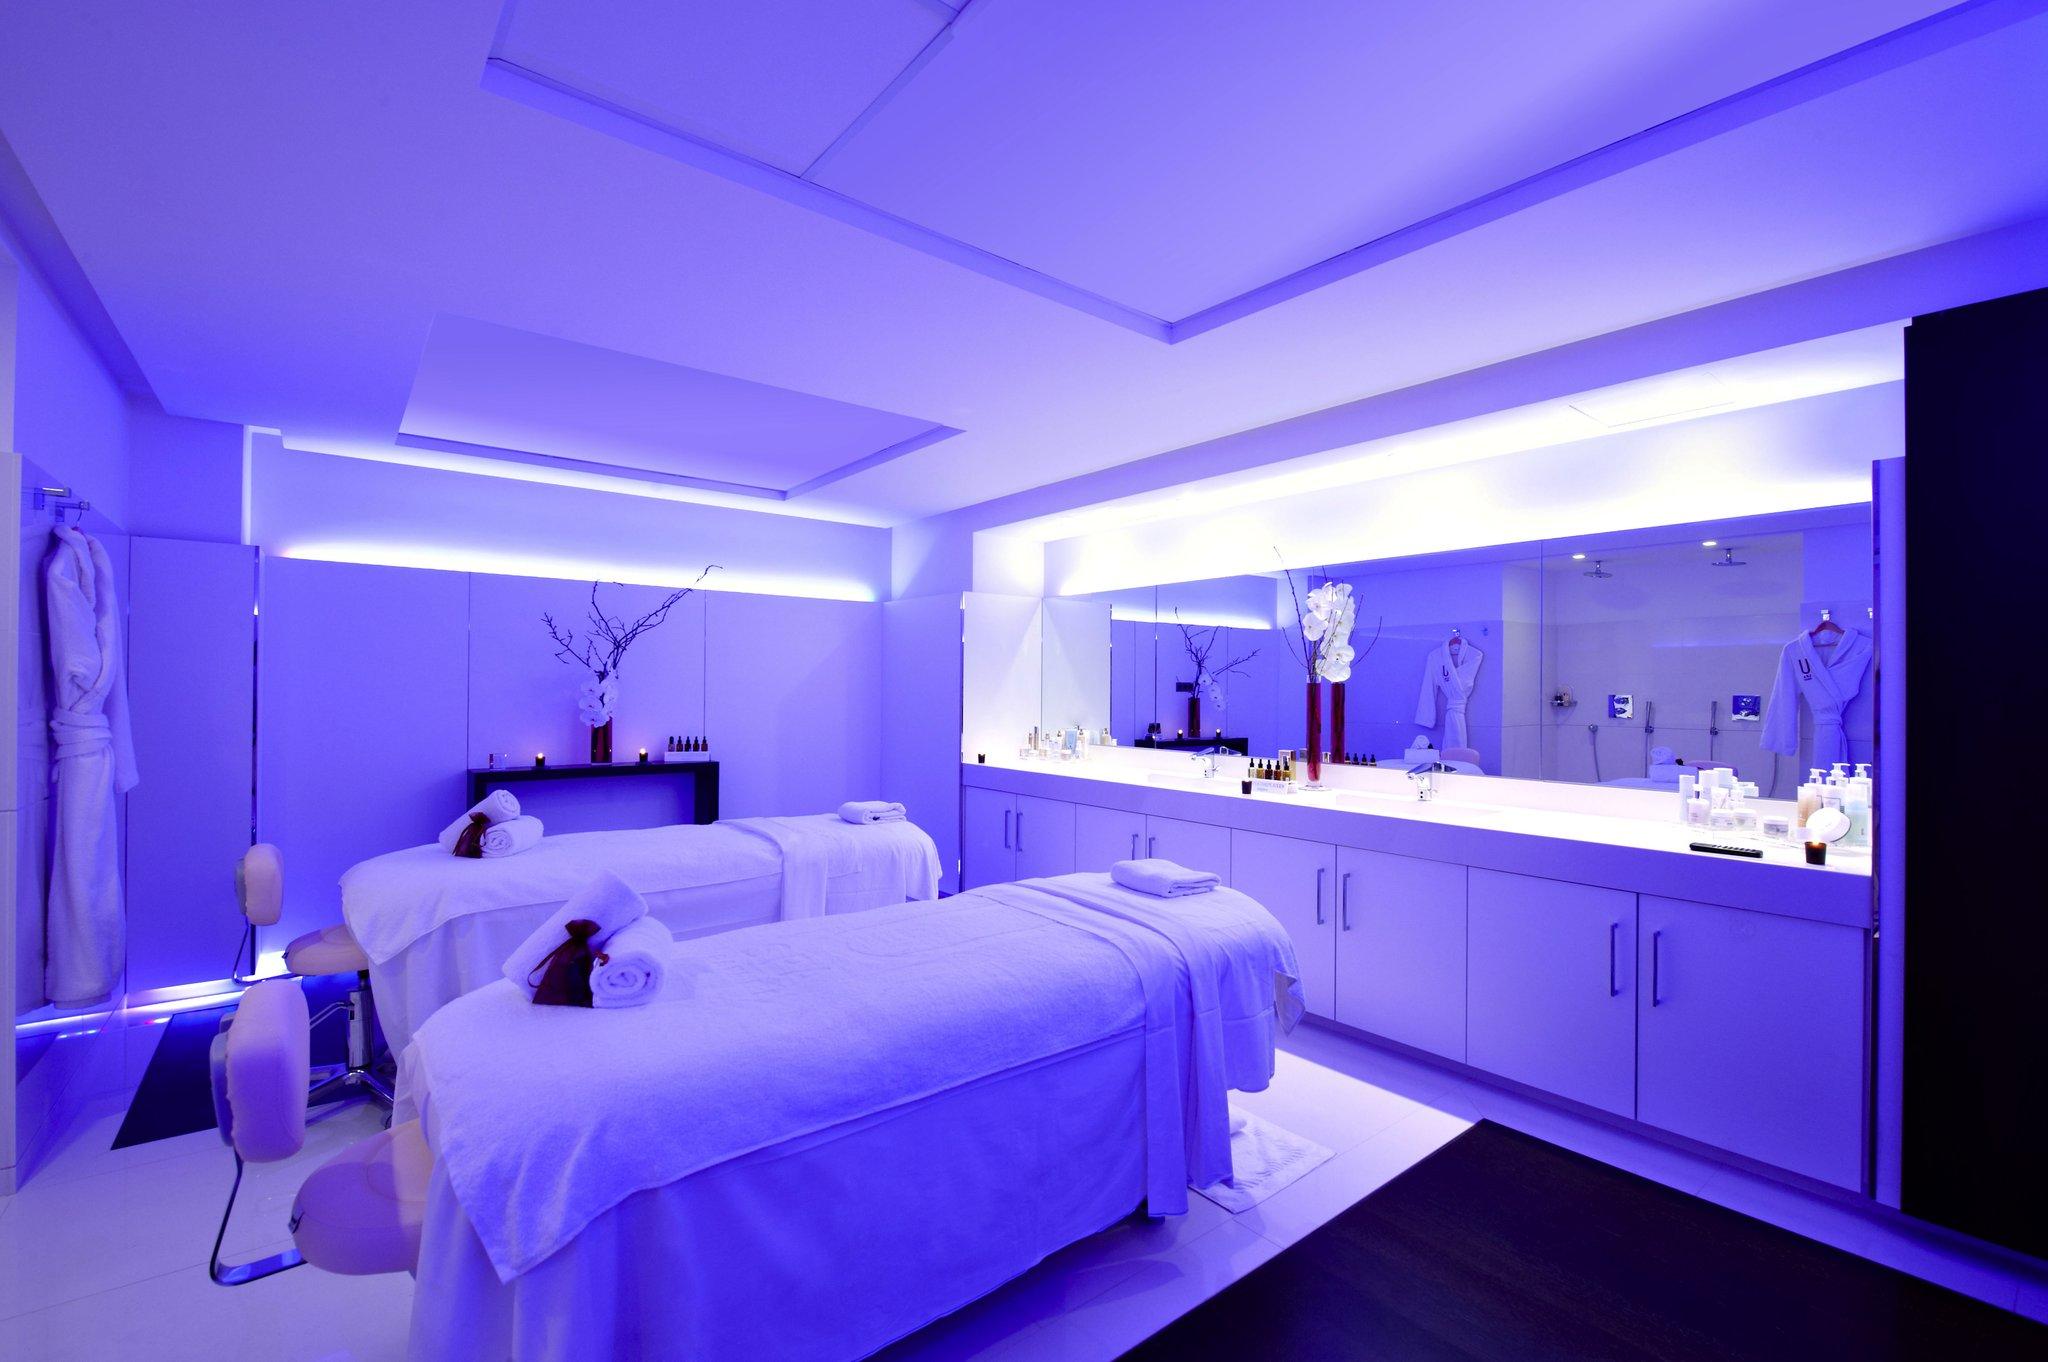 voyages cannes d s 224 s jours pas chers pour vos vacances cannes. Black Bedroom Furniture Sets. Home Design Ideas